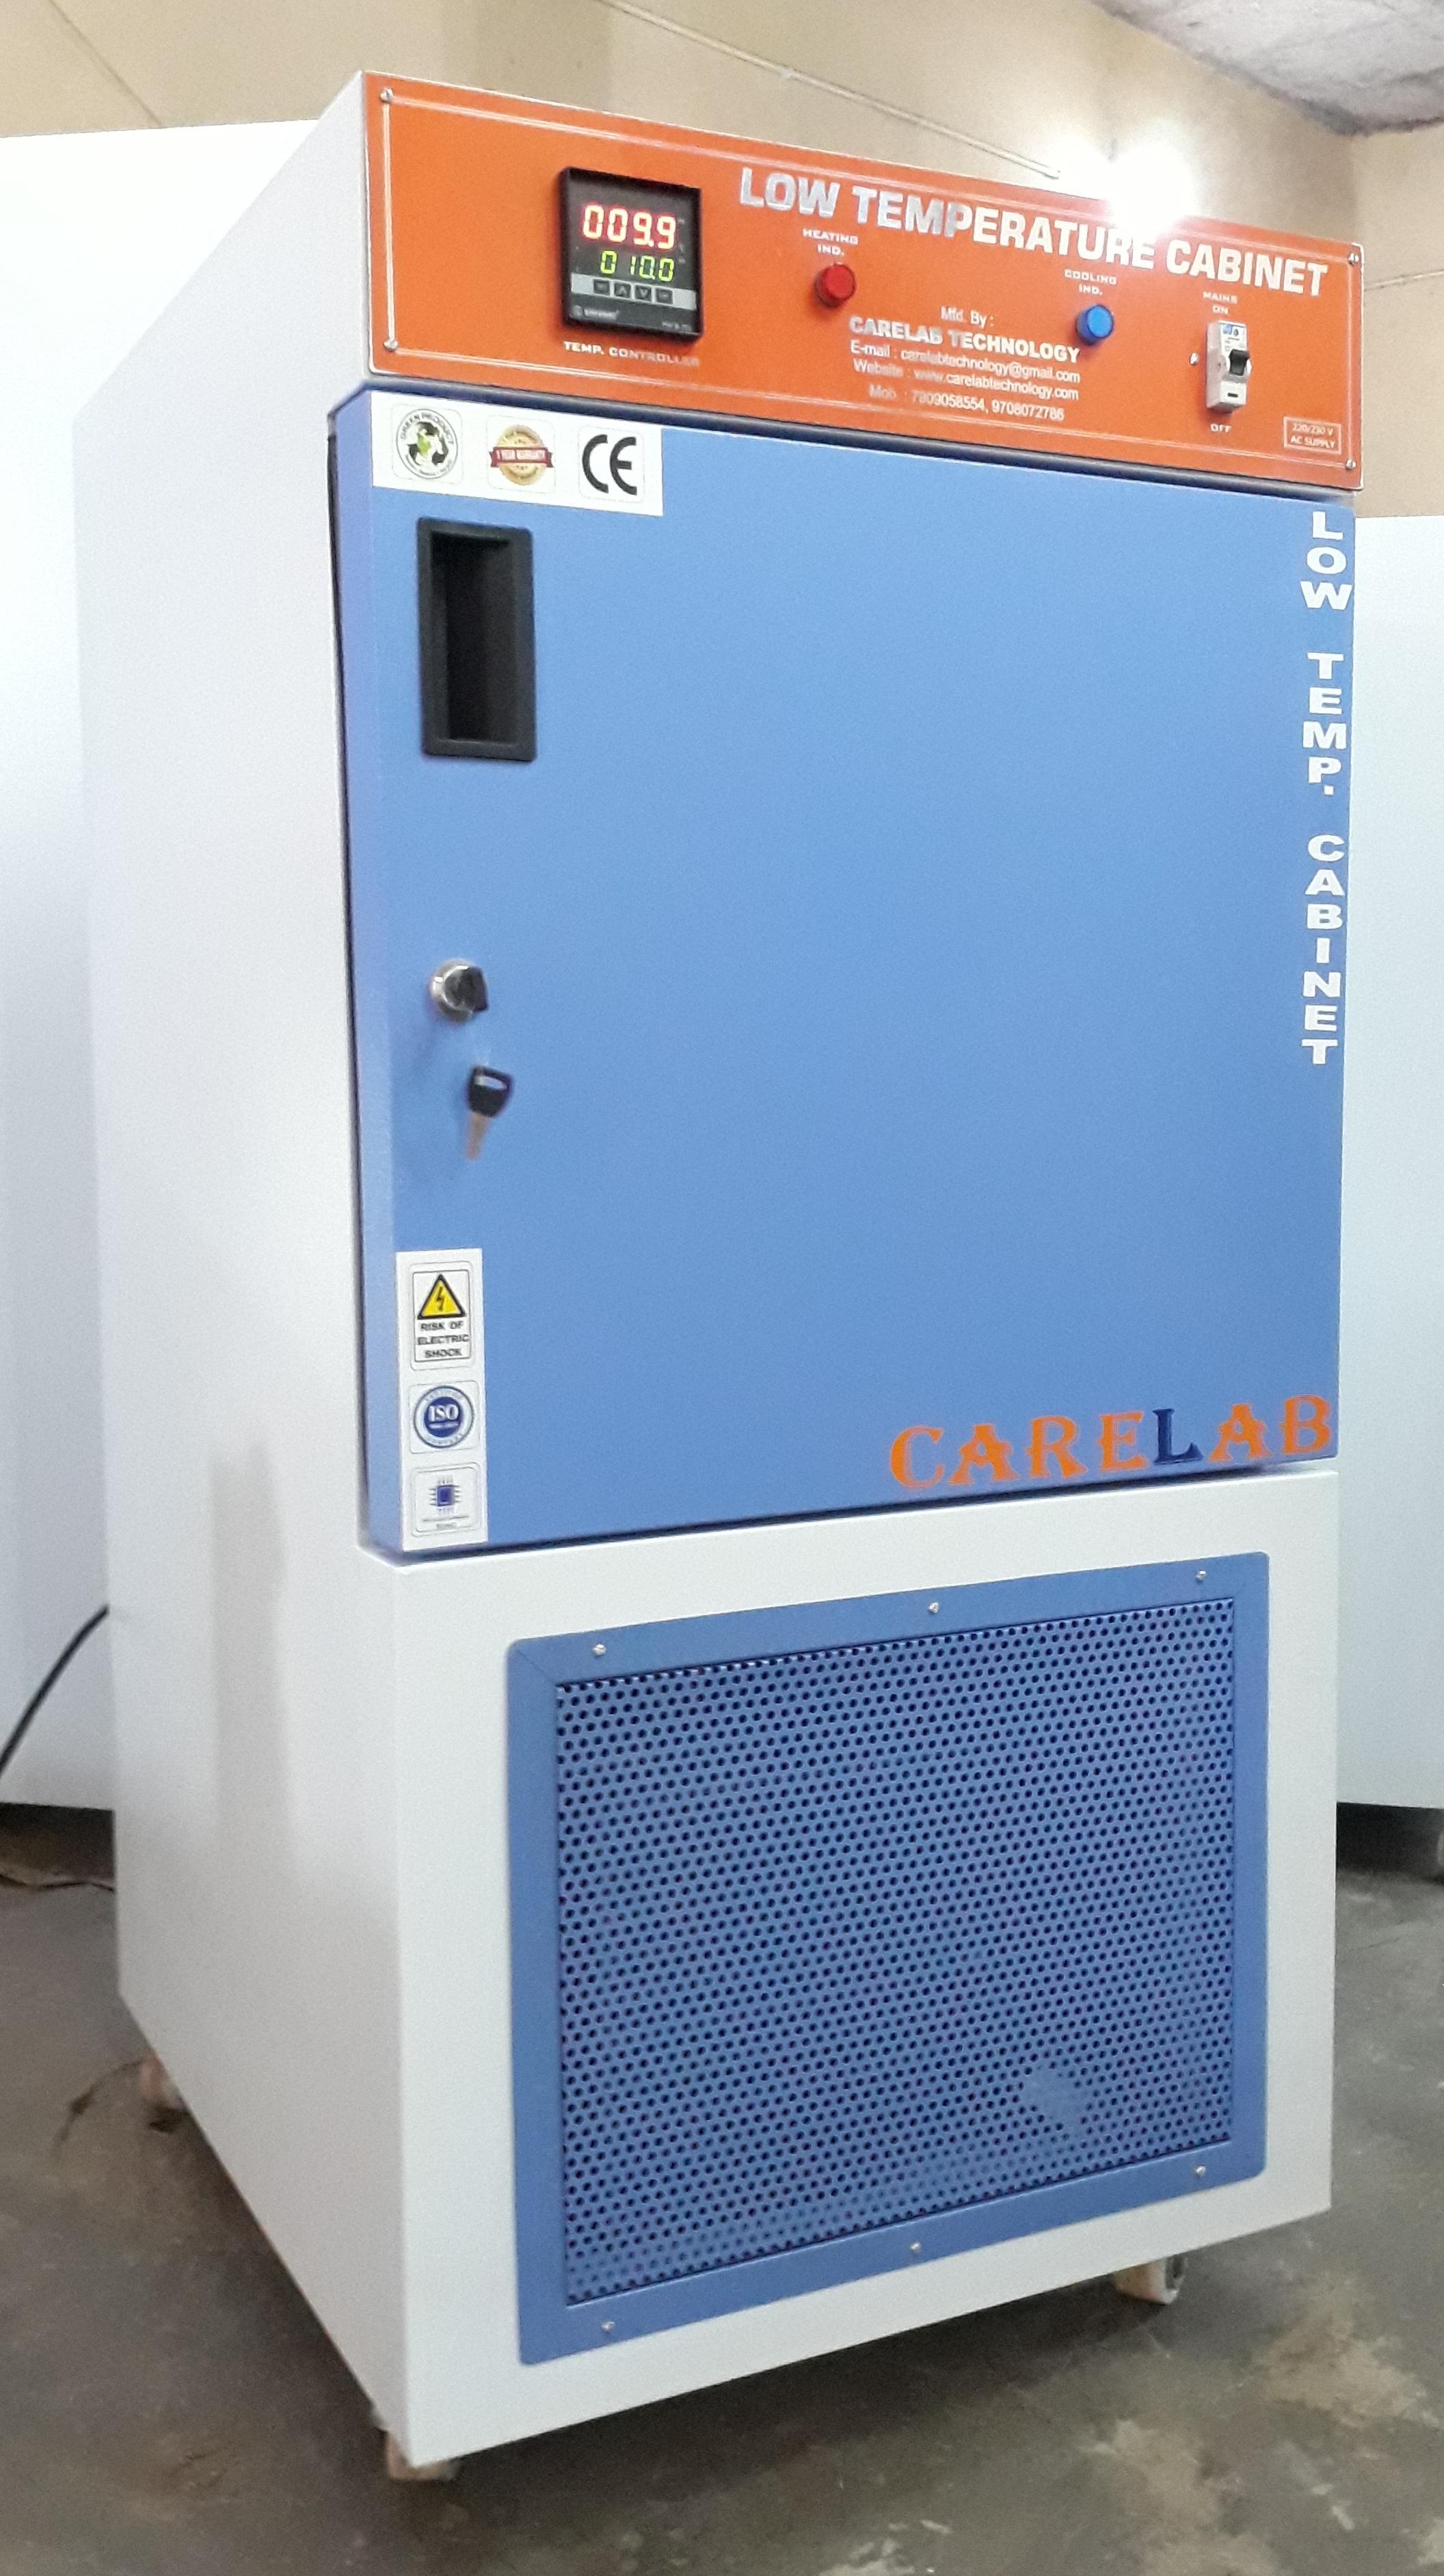 Low Temperature Cabinet